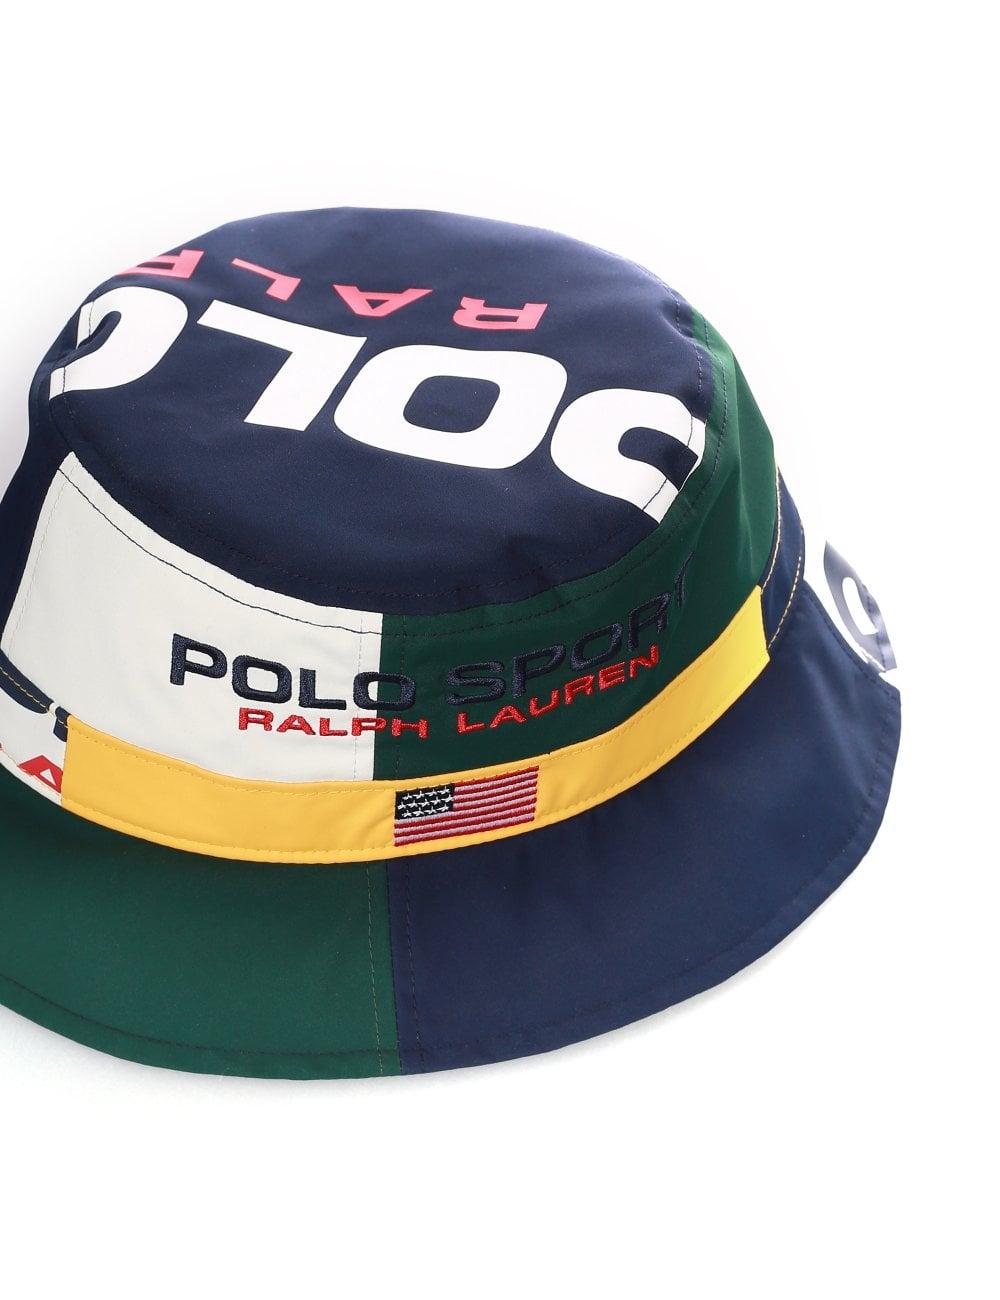 Polo Ralph Lauren Mens Bucket Hat